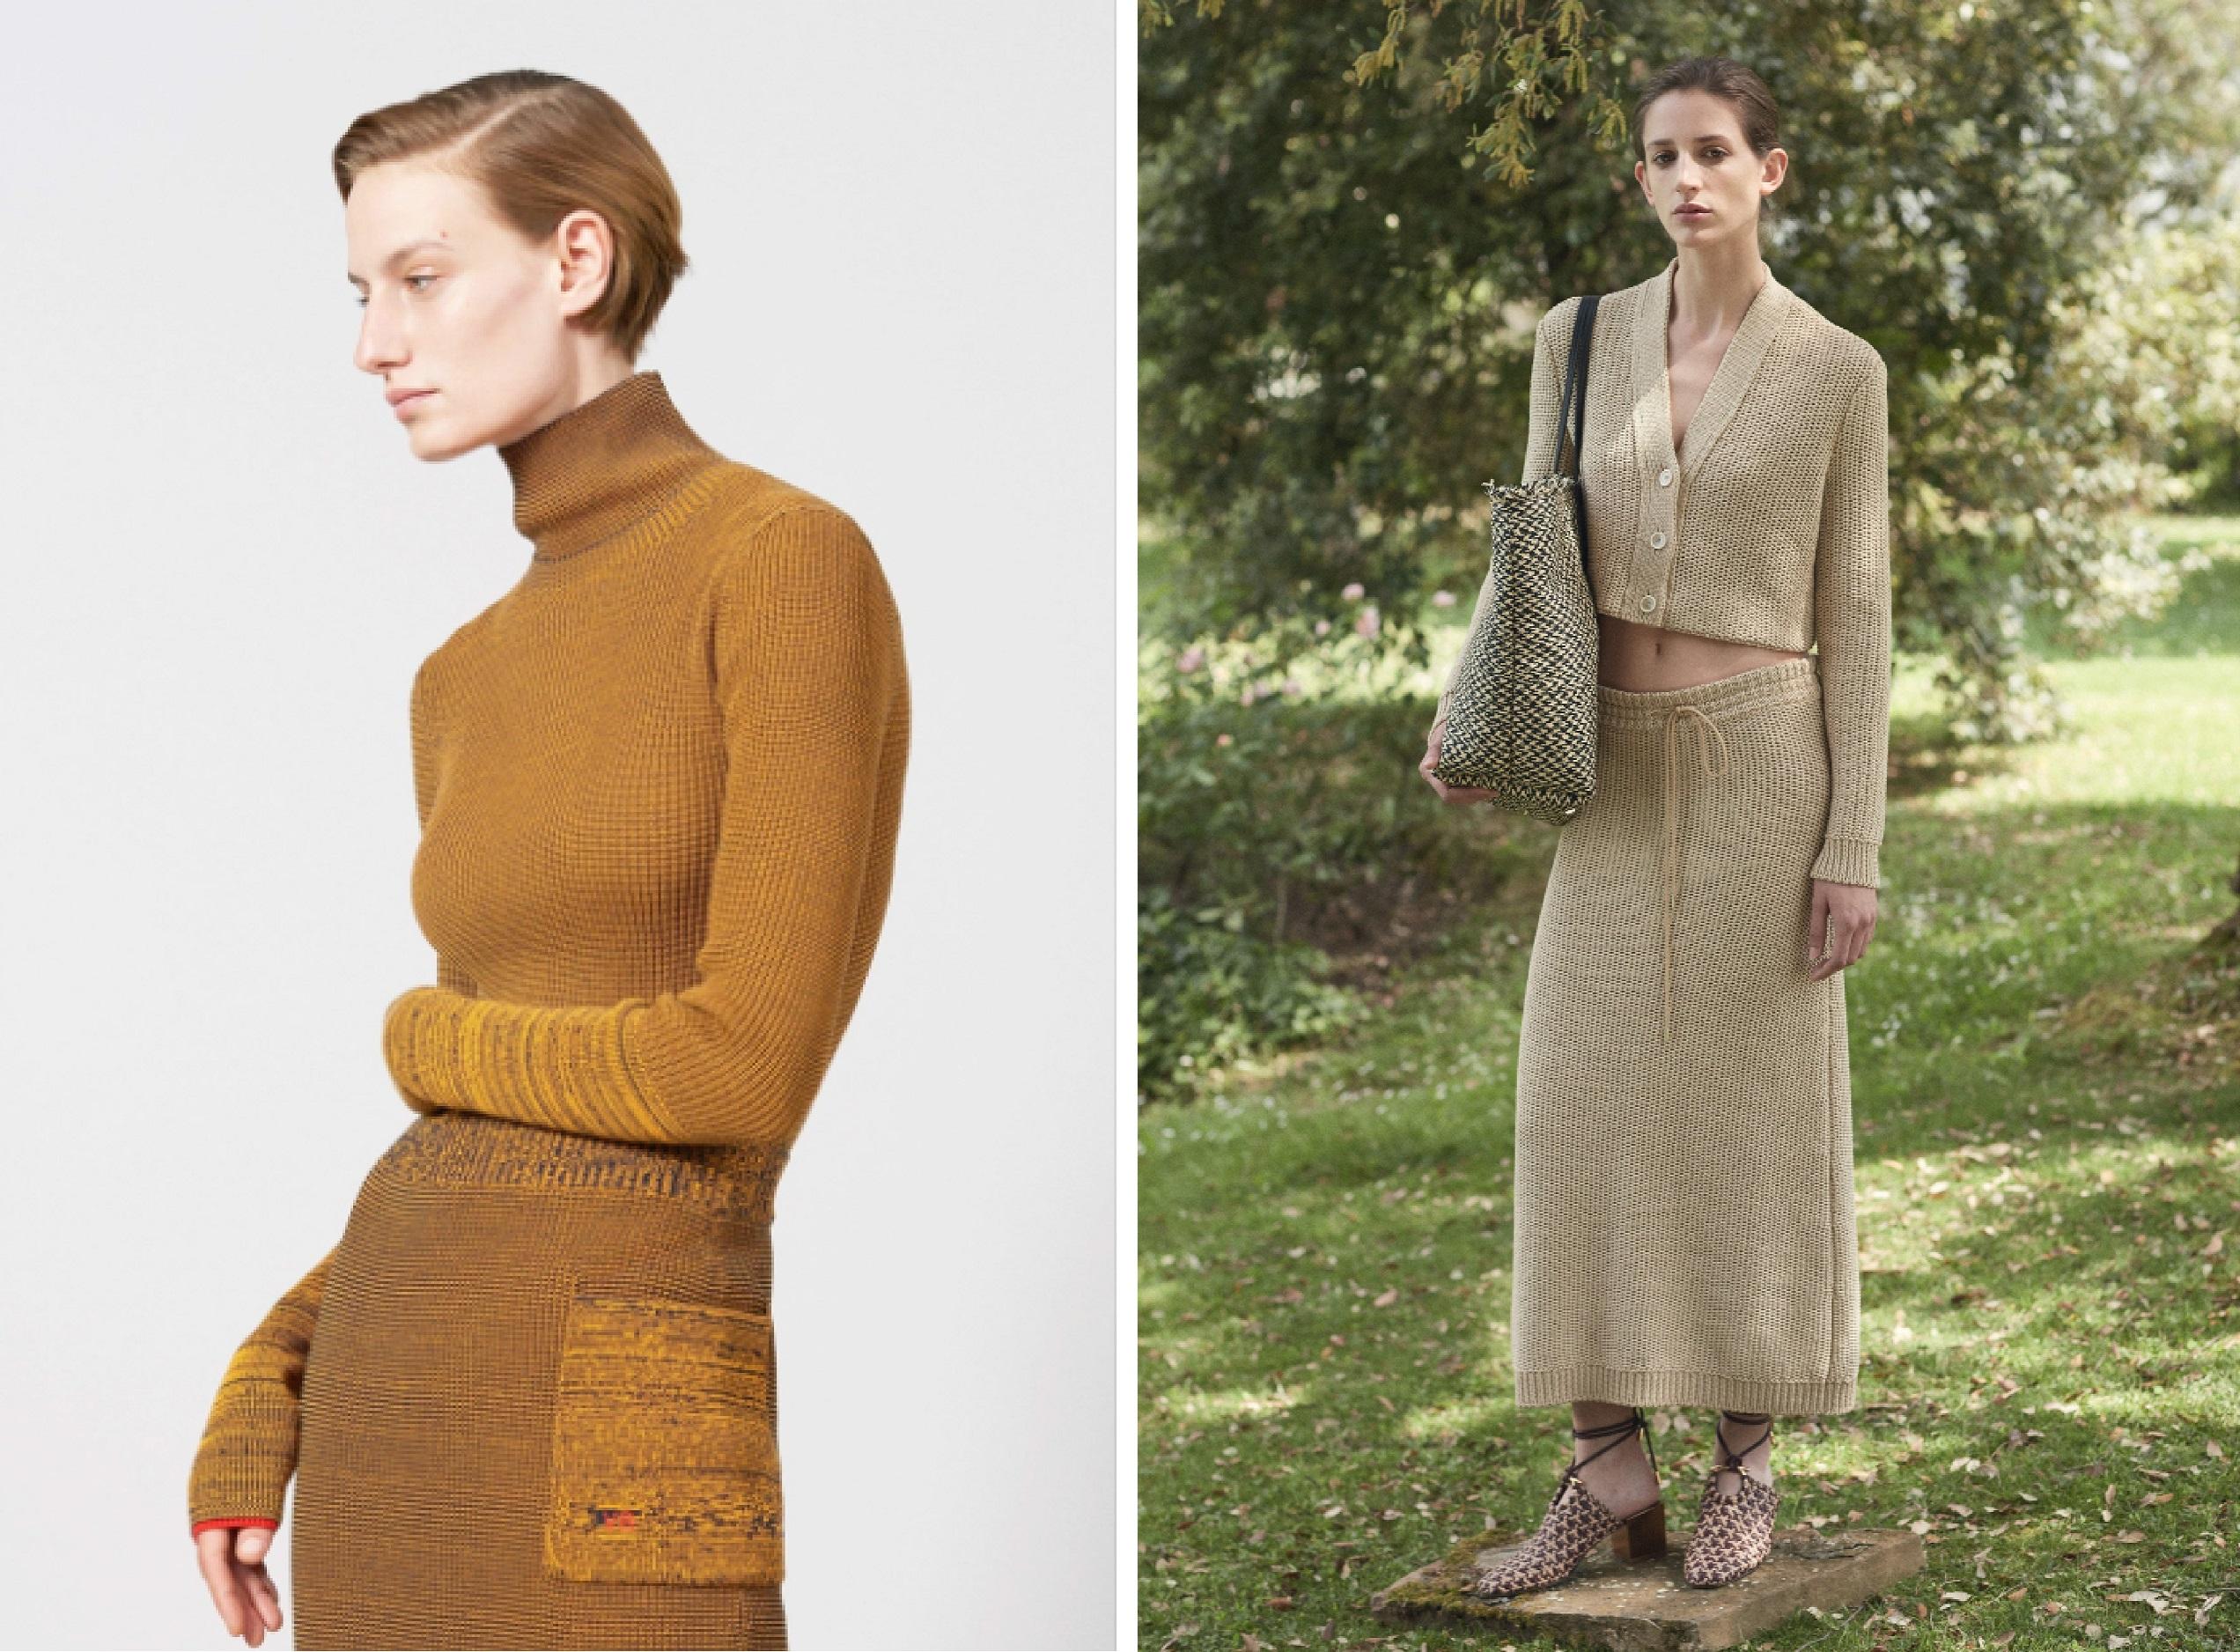 21a45f3d02c Трикотажные платья и костюмы вновь на пике популярности. В этом сезоне  дизайнеры сделали акцент на сложных цветах и миксе фактур (в новых  трикотажных вещах ...